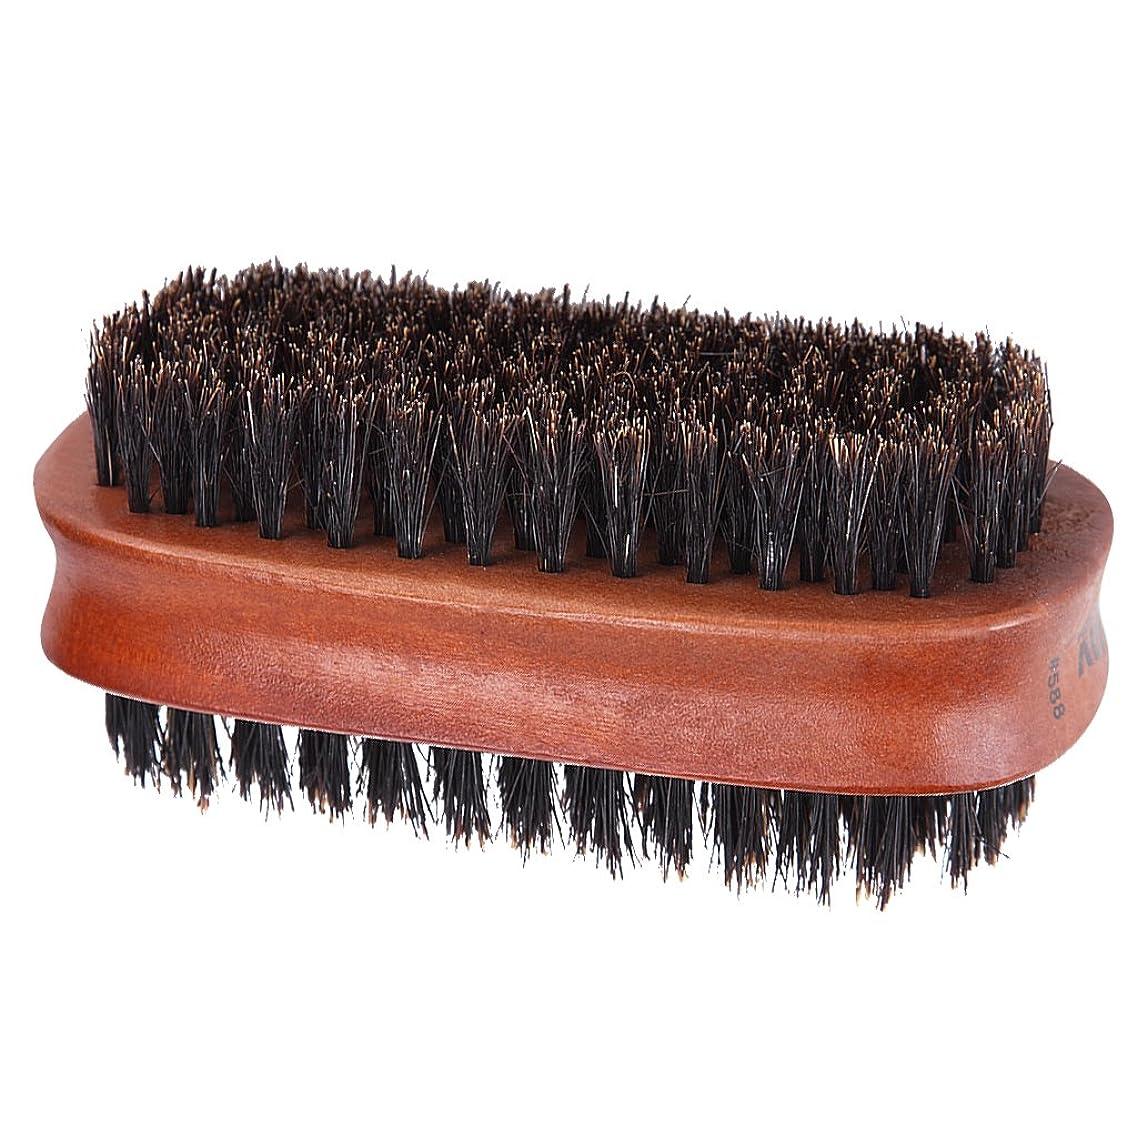 演劇地味なスタイルKesoto ヘアブラシ 両面ブラシ 理髪店 美容院  ソフトブラシ ヘアカッター ダスターブラシ